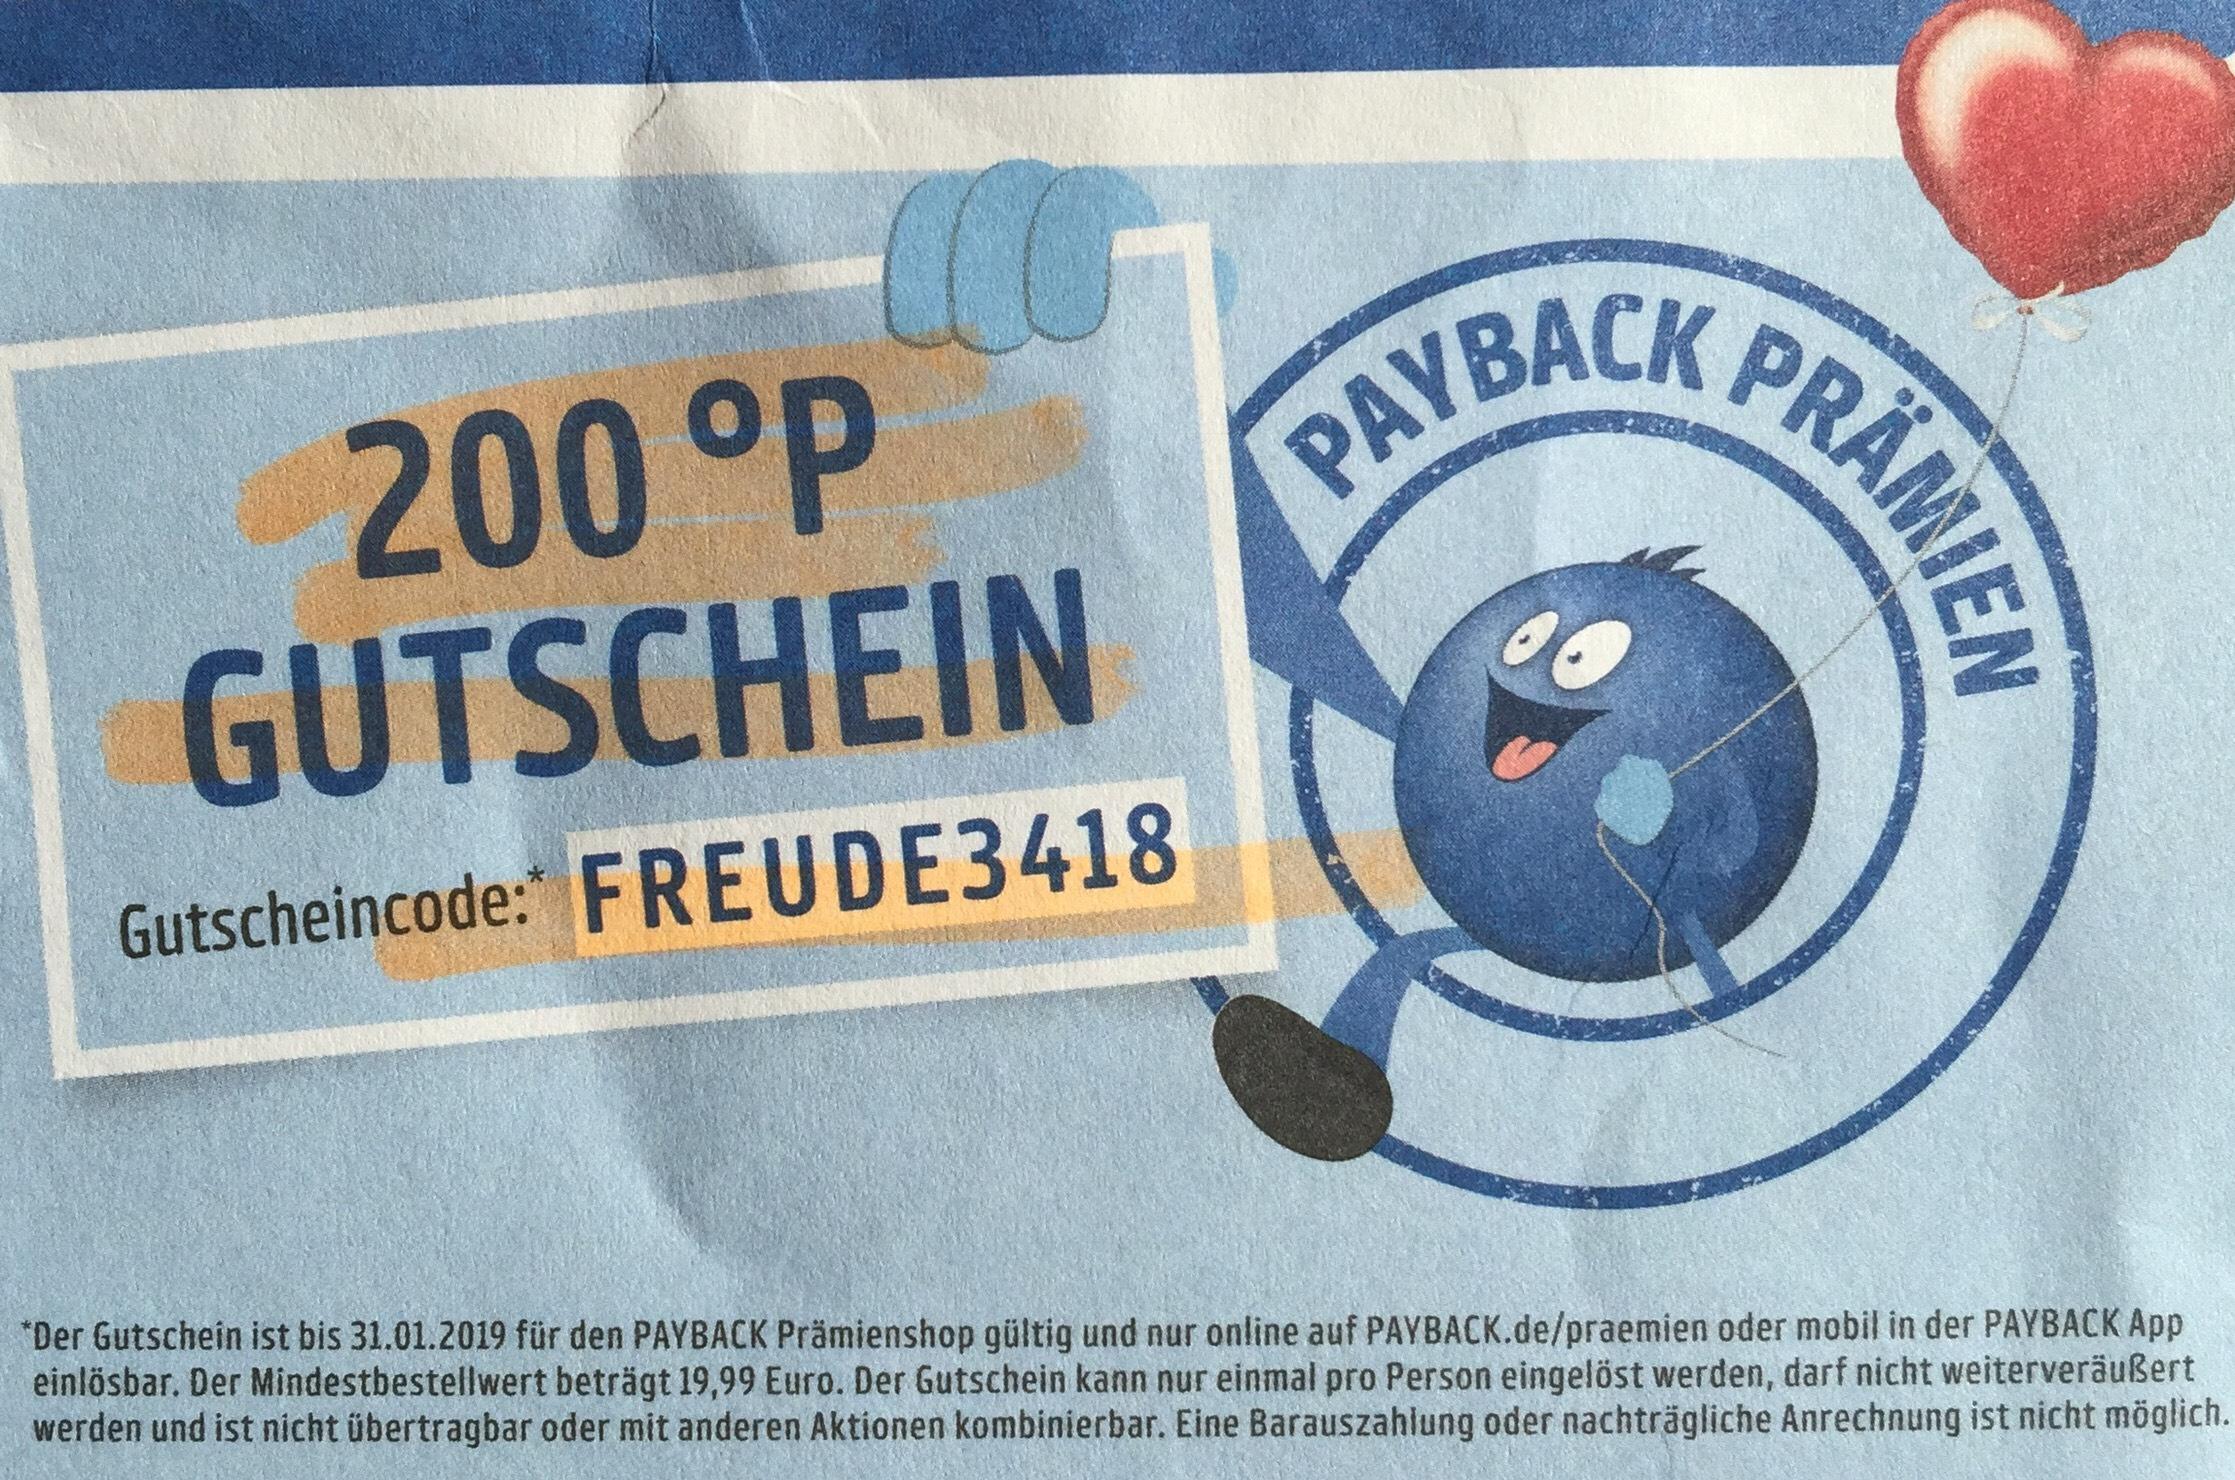 200 Punkte PAYBACK Prämienshop Gutschein